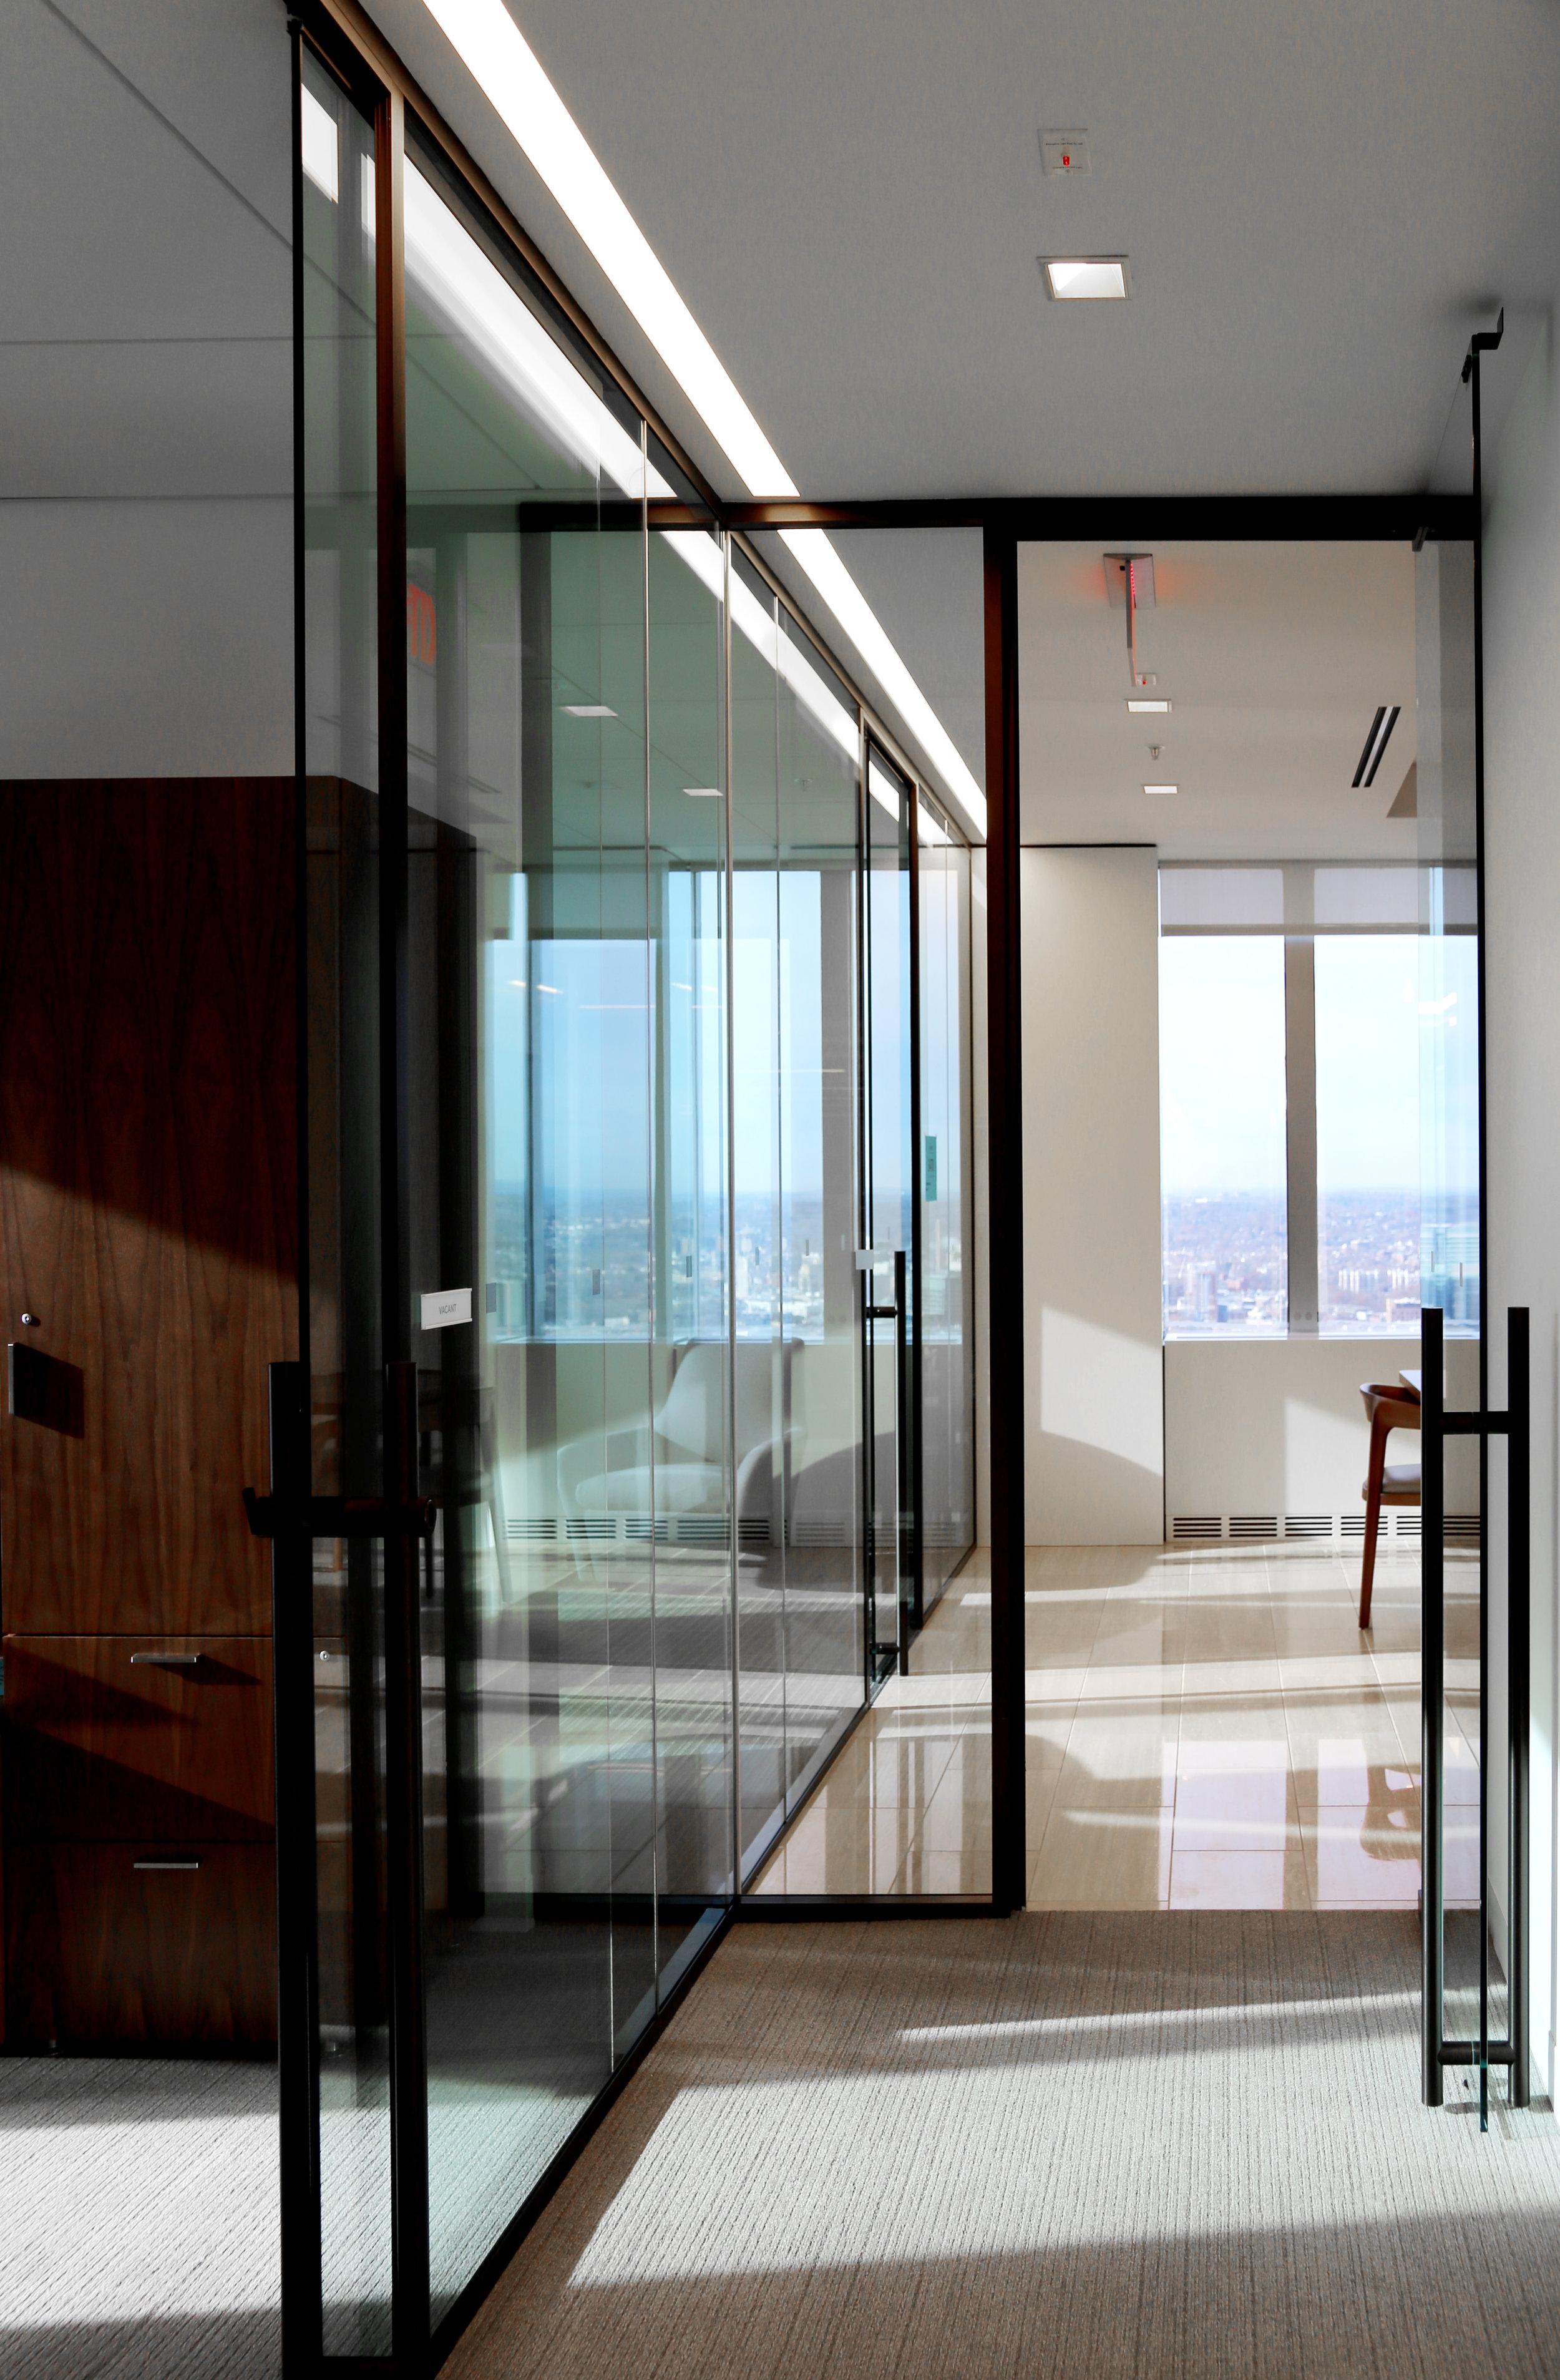 Modernus Demountable Glass System Frameless Glass Doors - Spaceworks AI.jpg